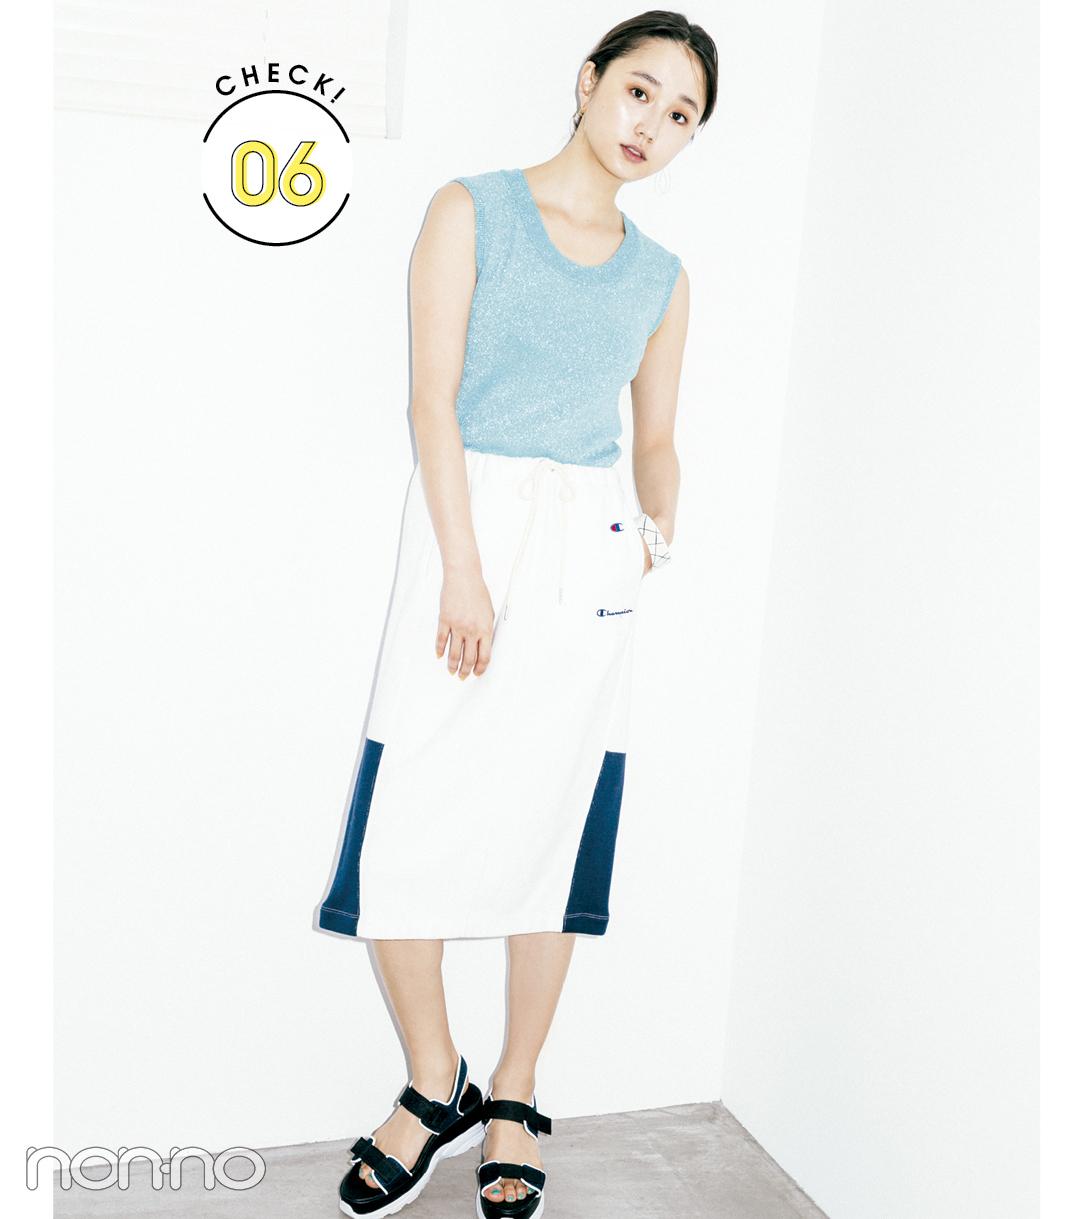 【夏のサンダルコーデ】西野七瀬のレトロ可愛いディテールで差がつく1着で大人っぽコーデ